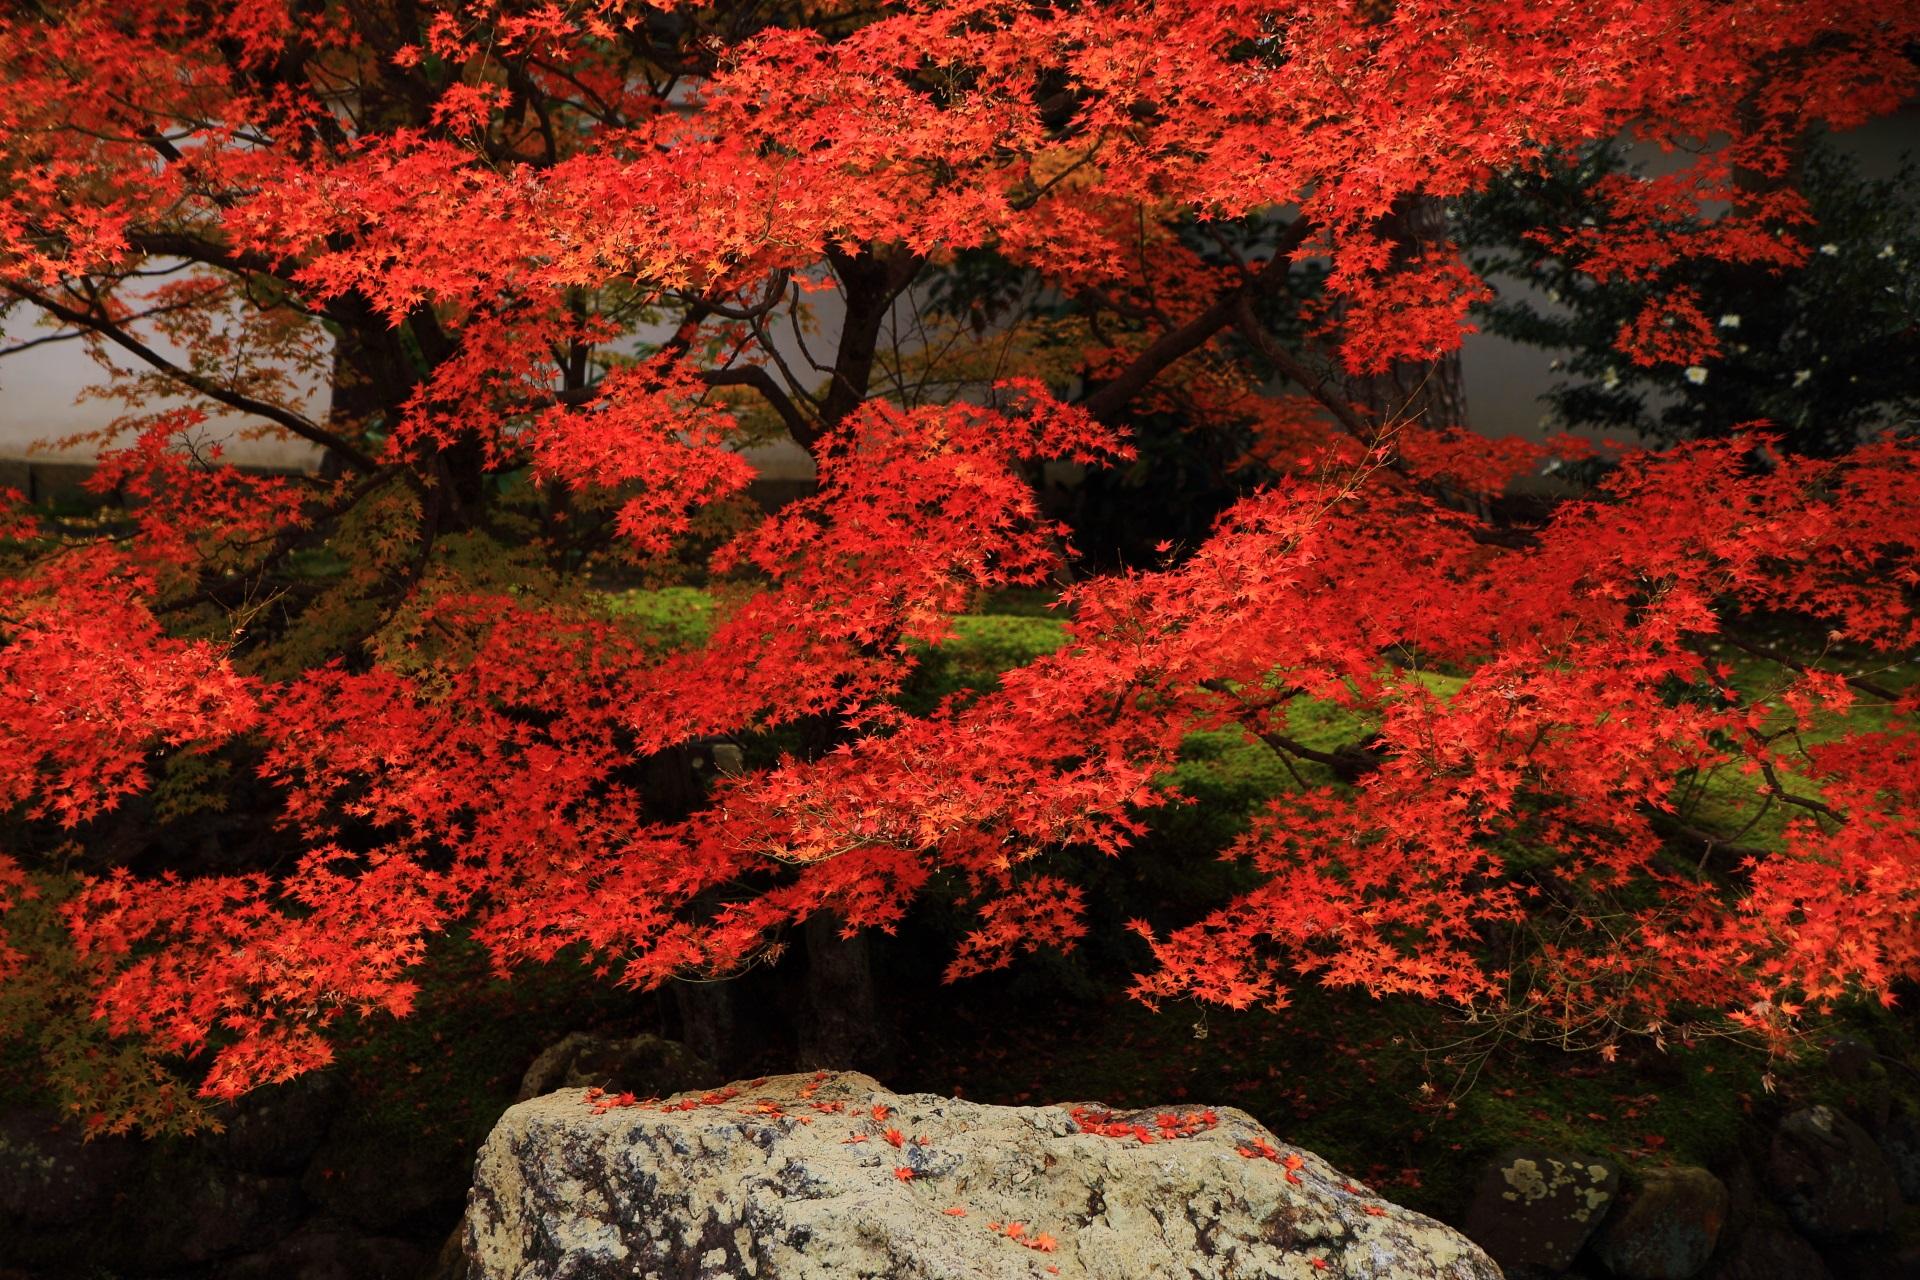 綺麗な秋色の見事な紅葉